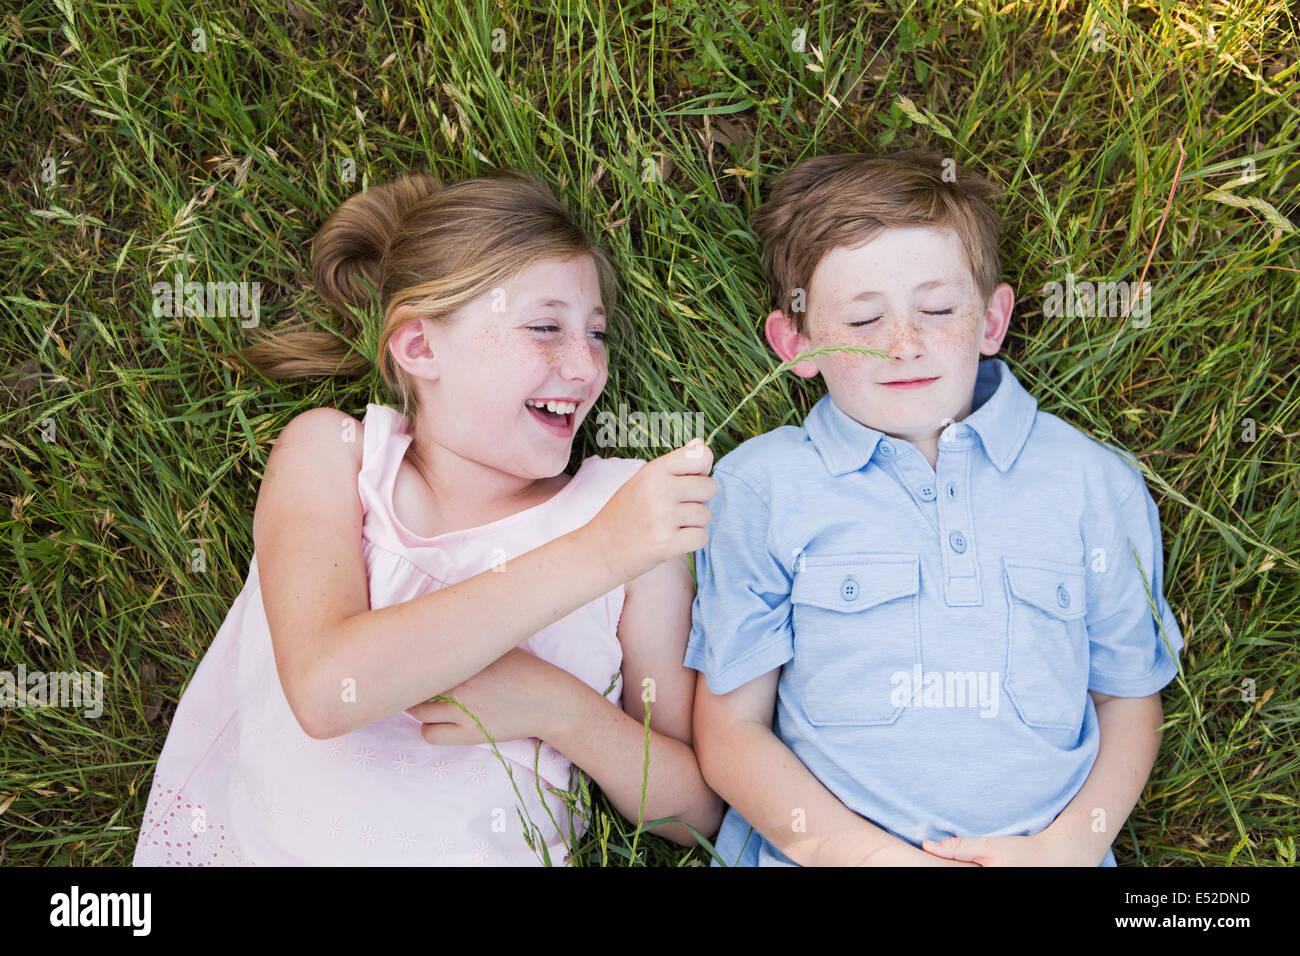 Dos niños, hermano y hermana acostada de lado a lado sobre la hierba Imagen De Stock